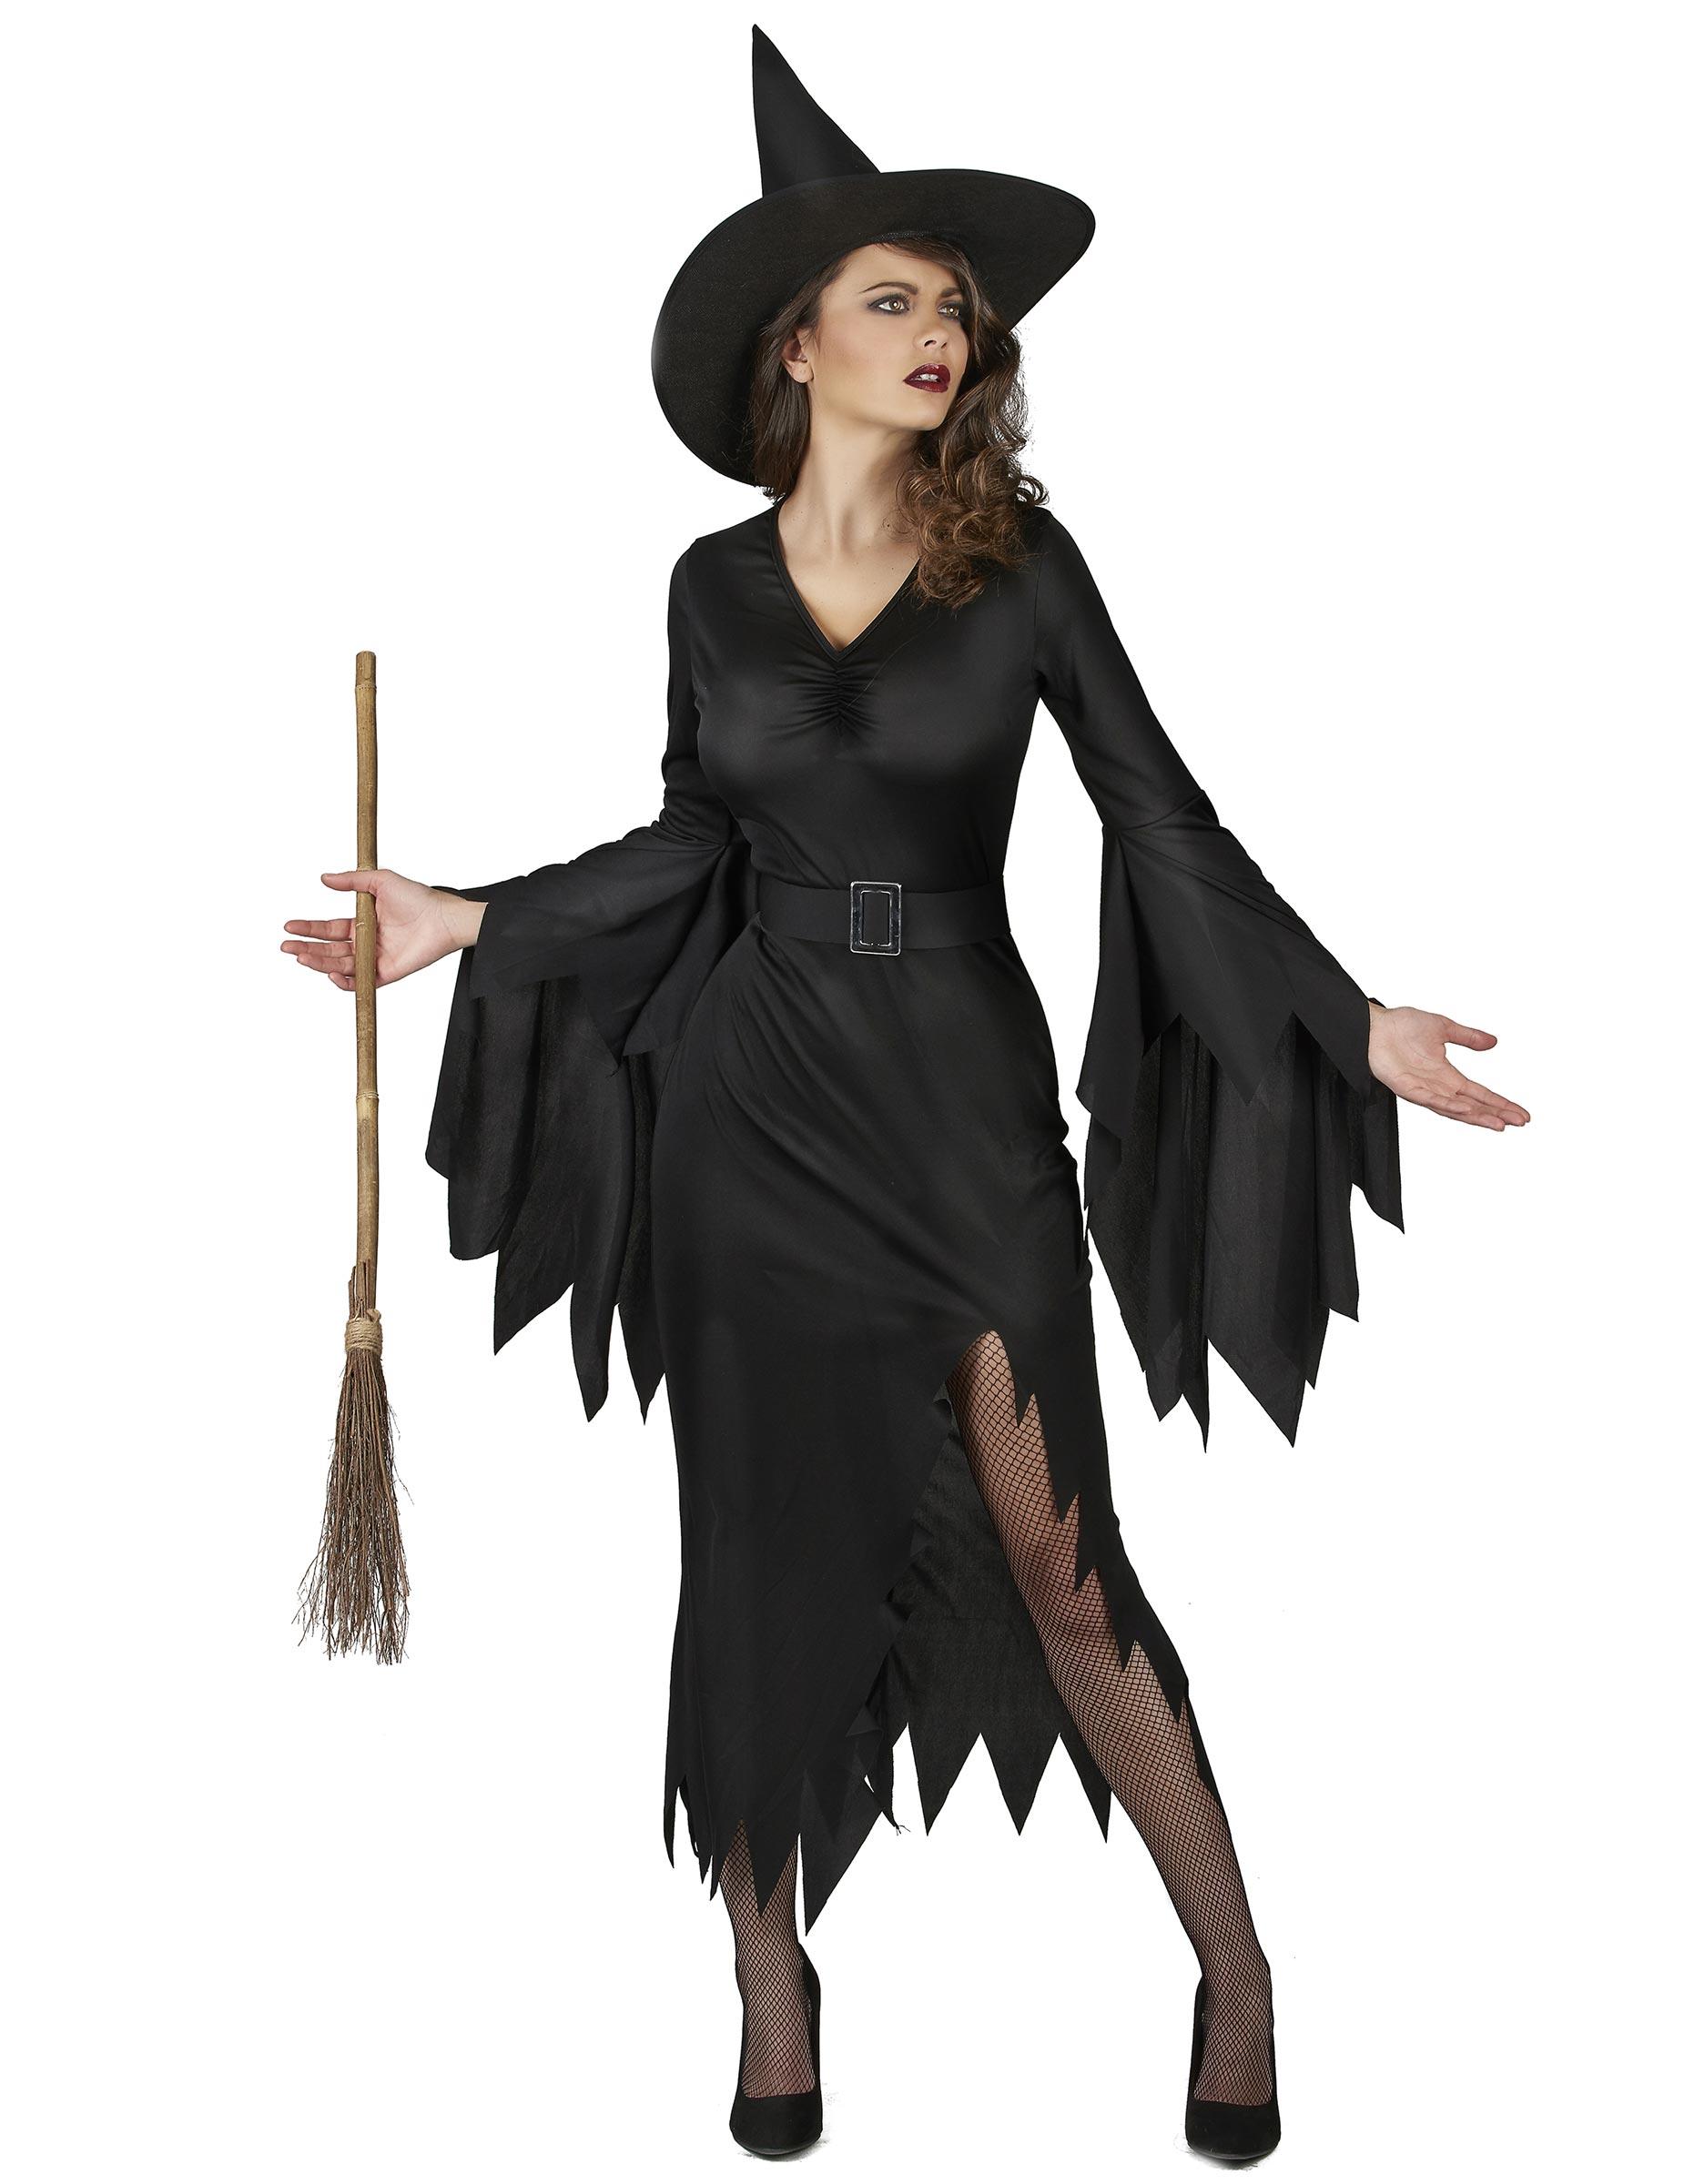 Scoprire Prezzo di fabbrica 2019 stile classico Costume da strega nero sexy donna